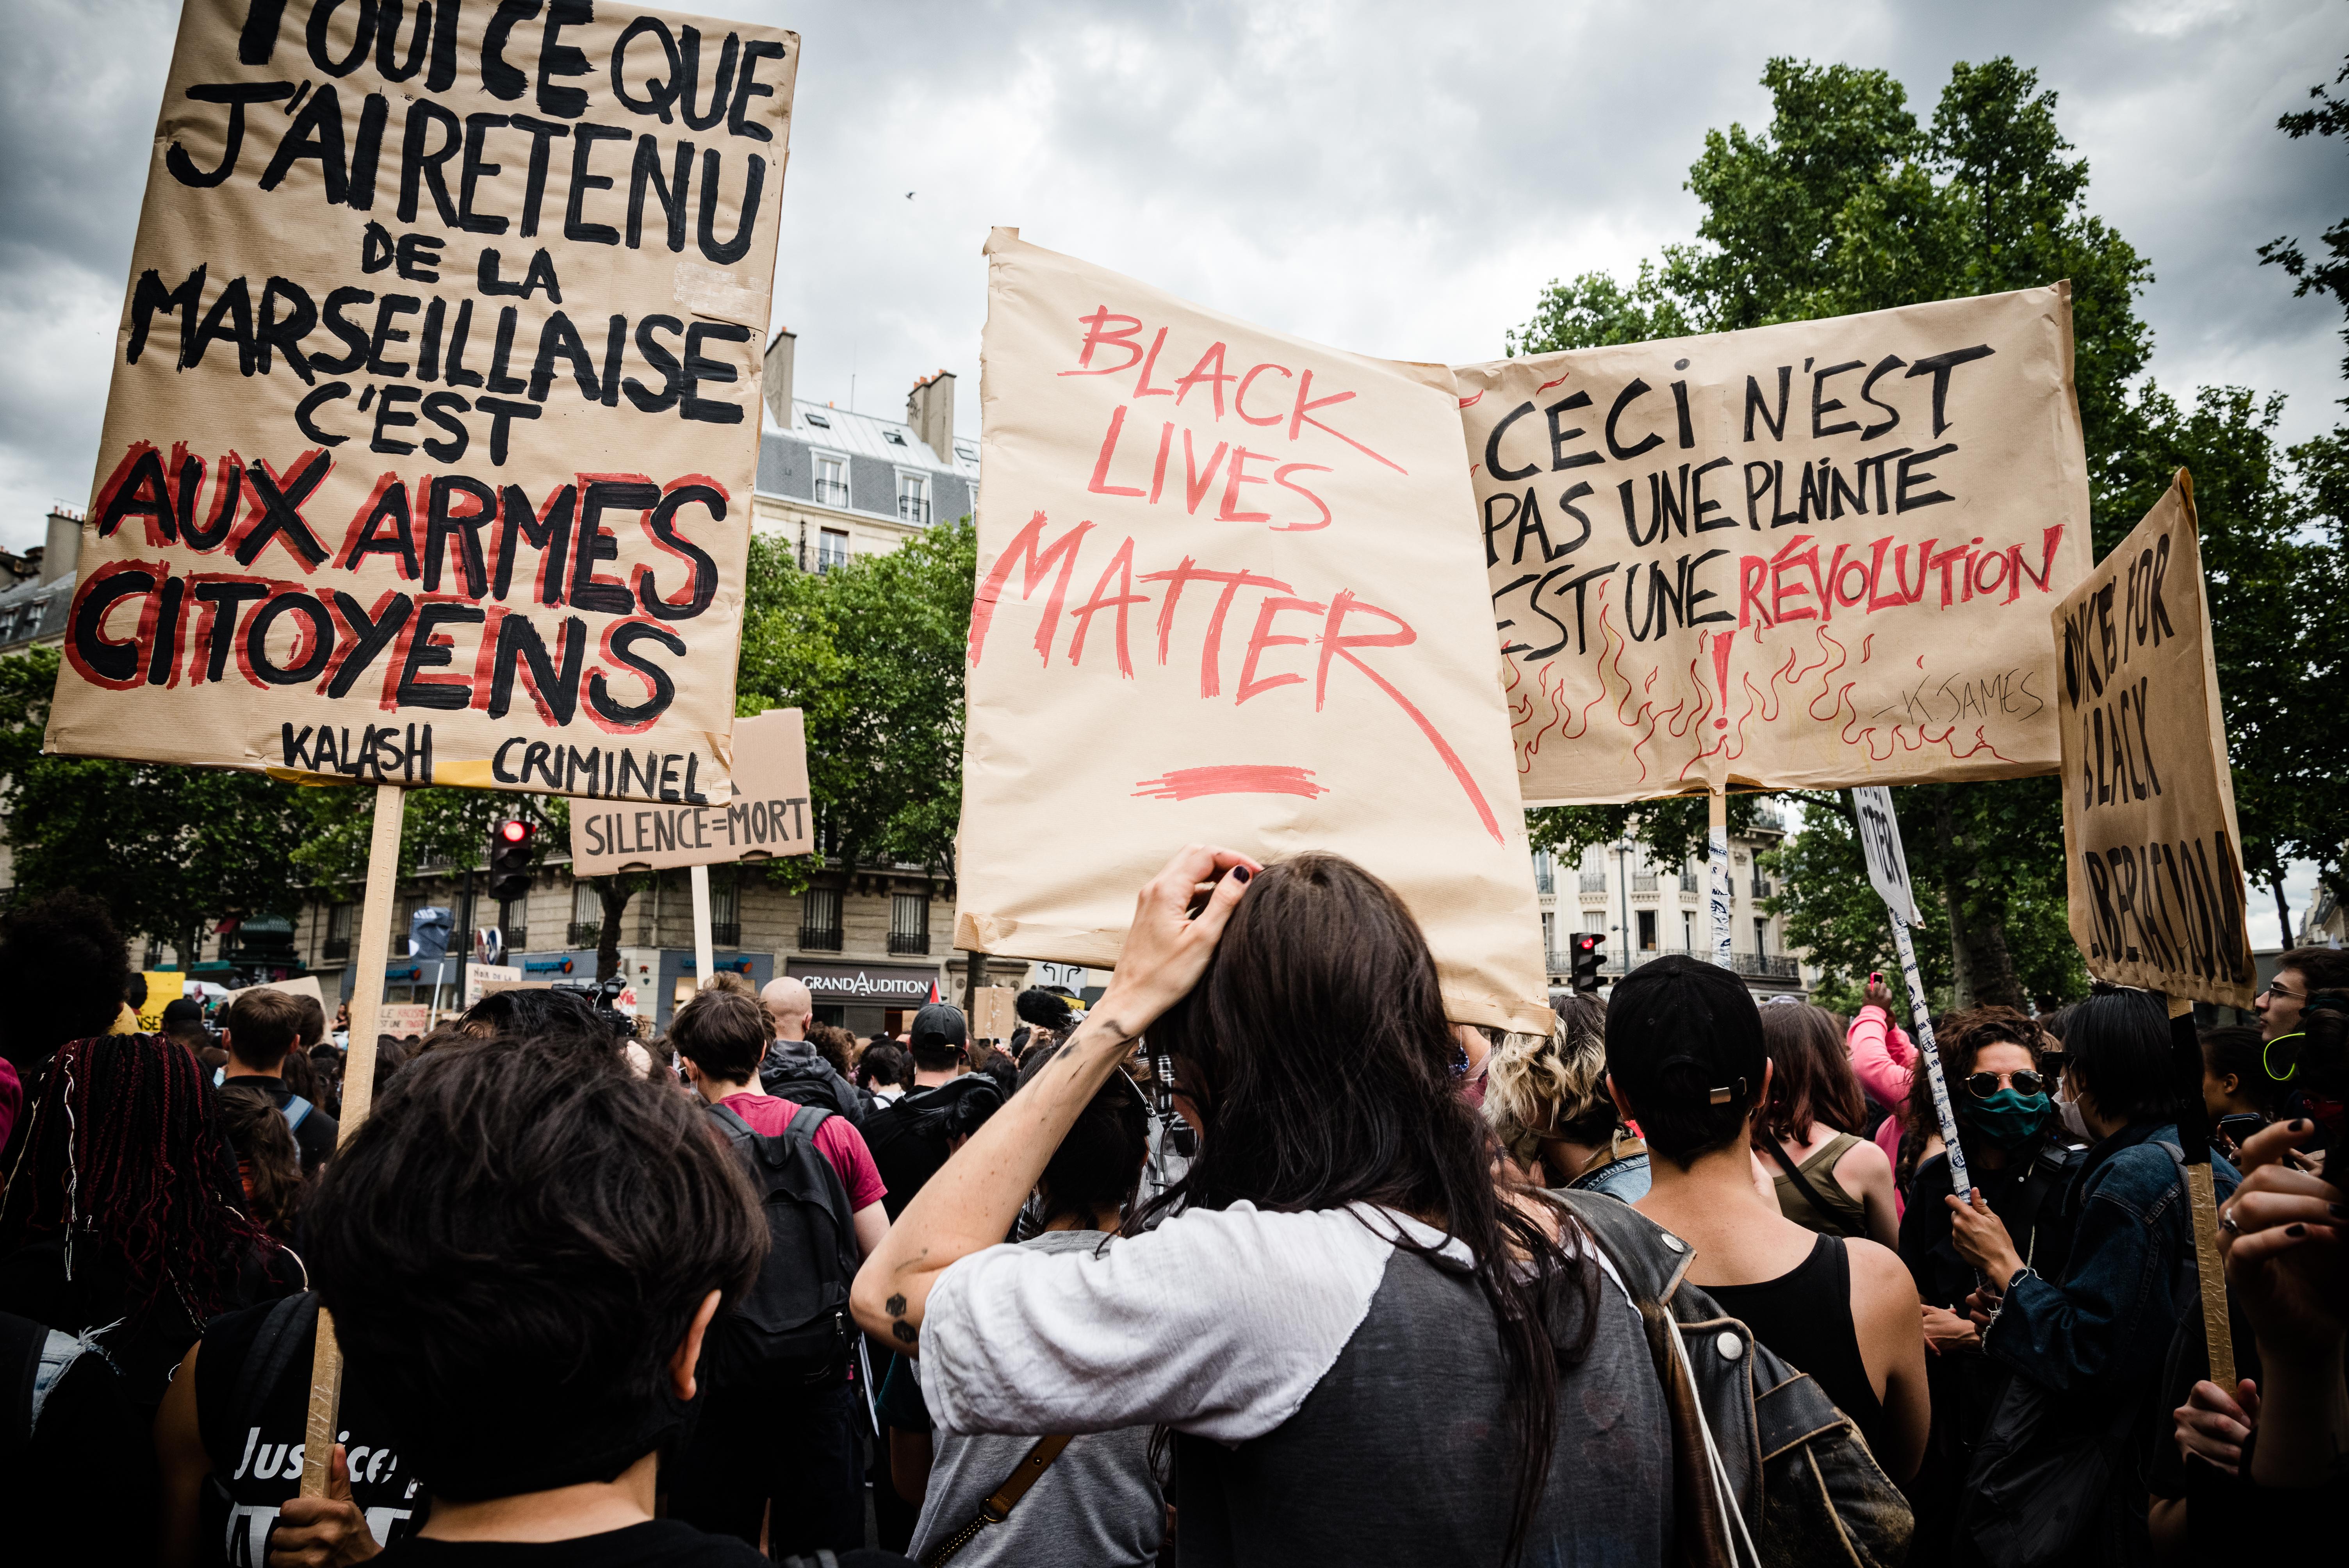 A progresszív, amerikai rassz-, gender- és posztkolonializmus-elméletek mételyétől retteg Franciaország szellemi elitje